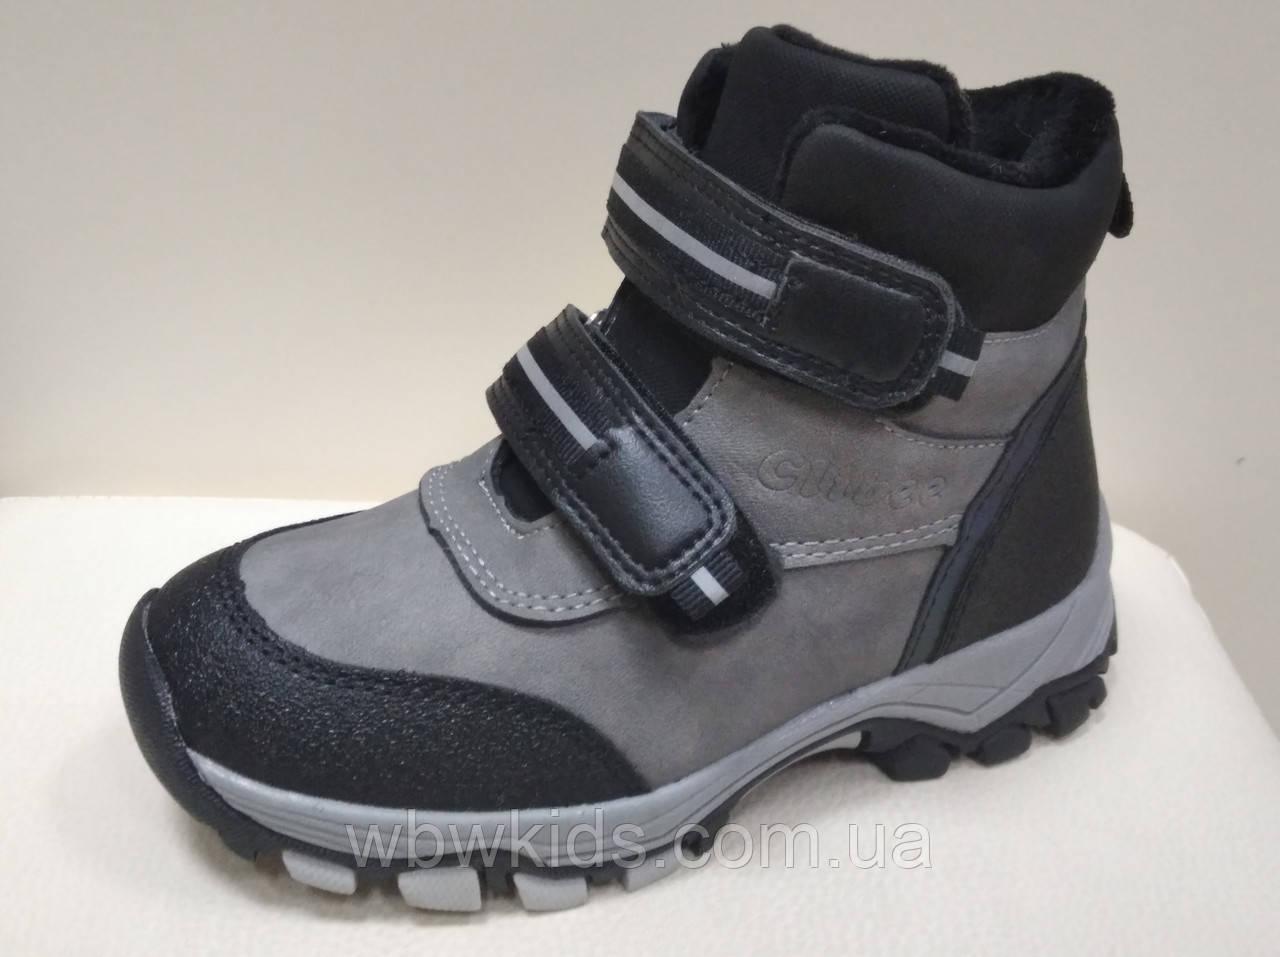 Зимние ботинки детские Clibee H-254 для мальчика (28,31р.)